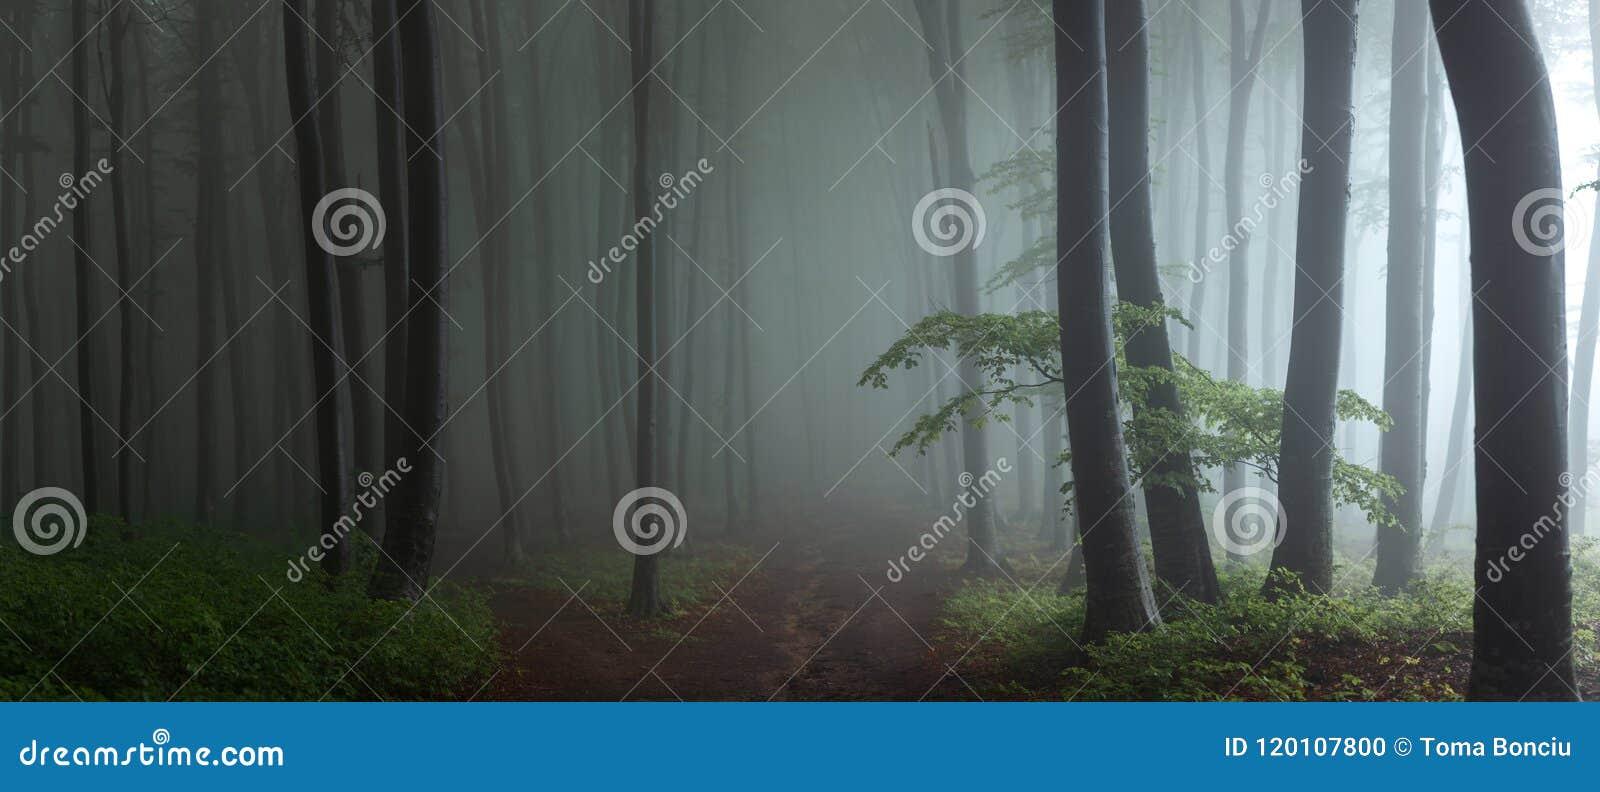 Panorama de madeiras de vista assustadores do conto de fadas nevoento da floresta no A M.